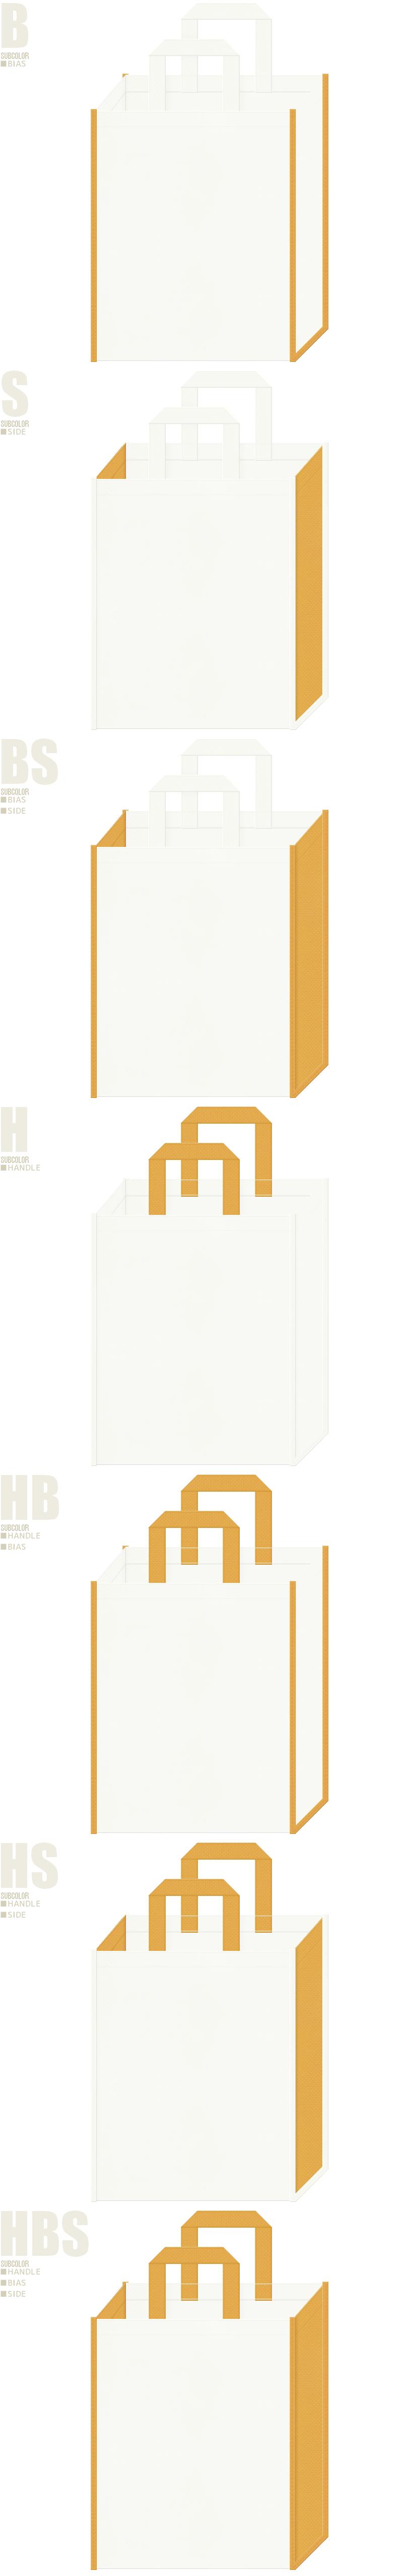 ベーカリー・カフェ・インテリア・手芸用品の展示会用バッグにお奨めです。オフホワイト色と黄土色の不織布バッグ配色7パターンのデザイン。